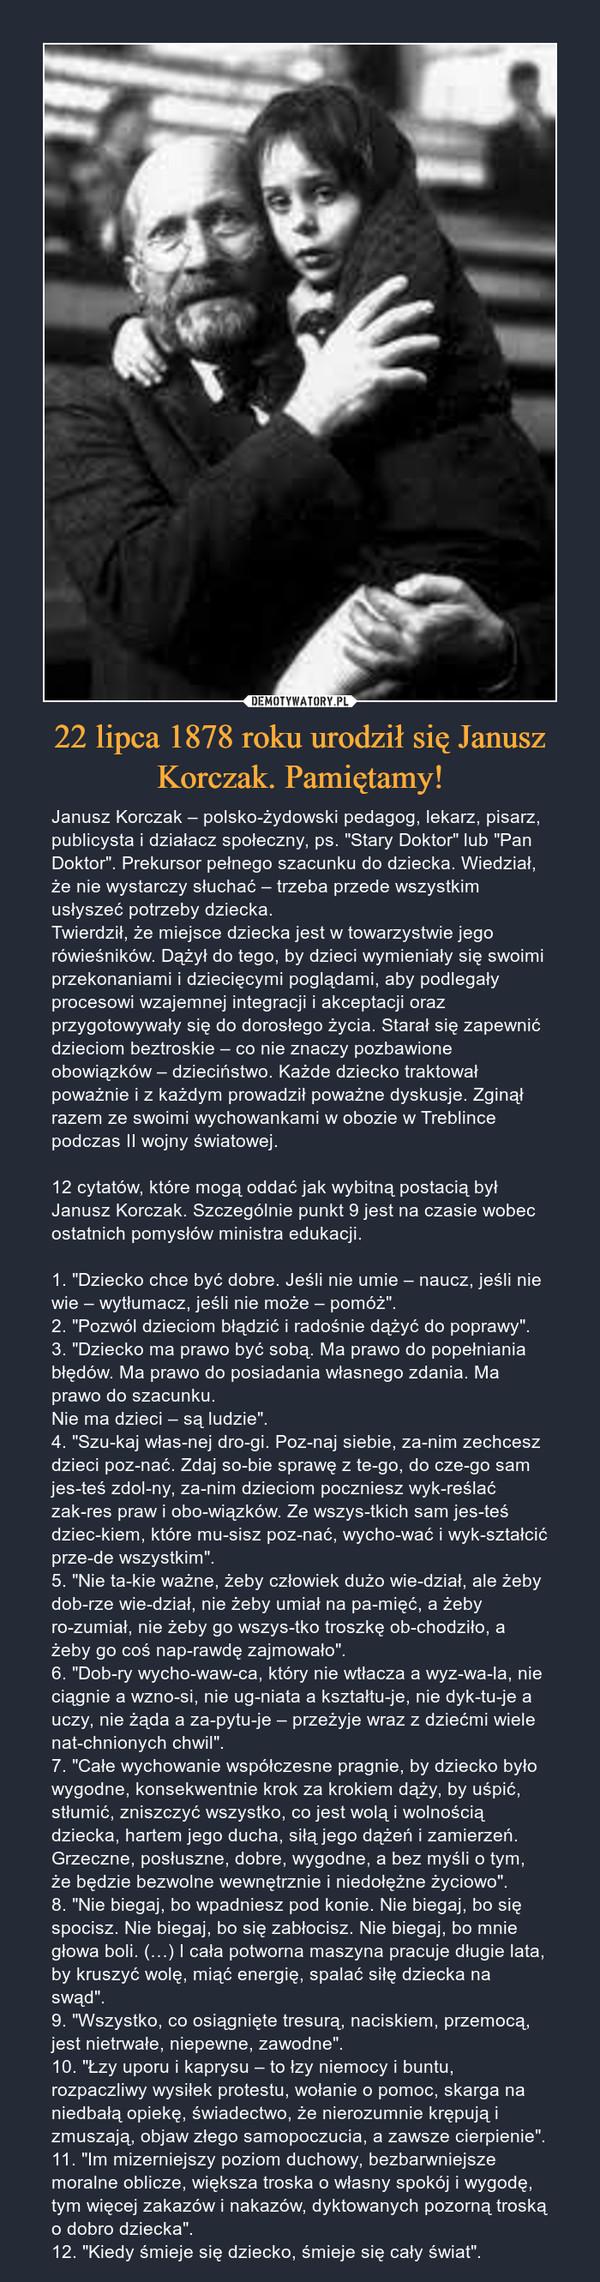 """22 lipca 1878 roku urodził się Janusz Korczak. Pamiętamy! – Janusz Korczak – polsko-żydowski pedagog, lekarz, pisarz, publicysta i działacz społeczny, ps. """"Stary Doktor"""" lub """"Pan Doktor"""". Prekursor pełnego szacunku do dziecka. Wiedział, że nie wystarczy słuchać – trzeba przede wszystkim usłyszeć potrzeby dziecka.Twierdził, że miejsce dziecka jest w towarzystwie jego rówieśników. Dążył do tego, by dzieci wymieniały się swoimi przekonaniami i dziecięcymi poglądami, aby podlegały procesowi wzajemnej integracji i akceptacji oraz przygotowywały się do dorosłego życia. Starał się zapewnić dzieciom beztroskie – co nie znaczy pozbawione obowiązków – dzieciństwo. Każde dziecko traktował poważnie i z każdym prowadził poważne dyskusje. Zginął razem ze swoimi wychowankami w obozie w Treblince podczas II wojny światowej. 12 cytatów, które mogą oddać jak wybitną postacią był Janusz Korczak. Szczególnie punkt 9 jest na czasie wobec ostatnich pomysłów ministra edukacji. 1. """"Dziecko chce być dobre. Jeśli nie umie – naucz, jeśli nie wie – wytłumacz, jeśli nie może – pomóż"""".2. """"Pozwól dzieciom błądzić i radośnie dążyć do poprawy"""".3. """"Dziecko ma prawo być sobą. Ma prawo do popełniania błędów. Ma prawo do posiadania własnego zdania. Ma prawo do szacunku.Nie ma dzieci – są ludzie"""".4. """"Szukaj własnej drogi. Poznaj siebie, zanim zechcesz dzieci poznać. Zdaj sobie sprawę z tego, do czego sam jesteś zdolny, zanim dzieciom poczniesz wykreślać zakres praw i obowiązków. Ze wszystkich sam jesteś dzieckiem, które musisz poznać, wychować i wykształcić przede wszystkim"""".5. """"Nie takie ważne, żeby człowiek dużo wiedział, ale żeby dobrze wiedział, nie żeby umiał na pamięć, a żeby rozumiał, nie żeby go wszystko troszkę obchodziło, a żeby go coś naprawdę zajmowało"""".6. """"Dobry wychowawca, który nie wtłacza a wyzwala, nie ciągnie a wznosi, nie ugniata a kształtuje, nie dyktuje a uczy, nie żąda a zapytuje – przeżyje wraz z dziećmi wiele natchnionych chwil"""".7. """"Całe wychowanie współczesne pragnie, by dziecko"""